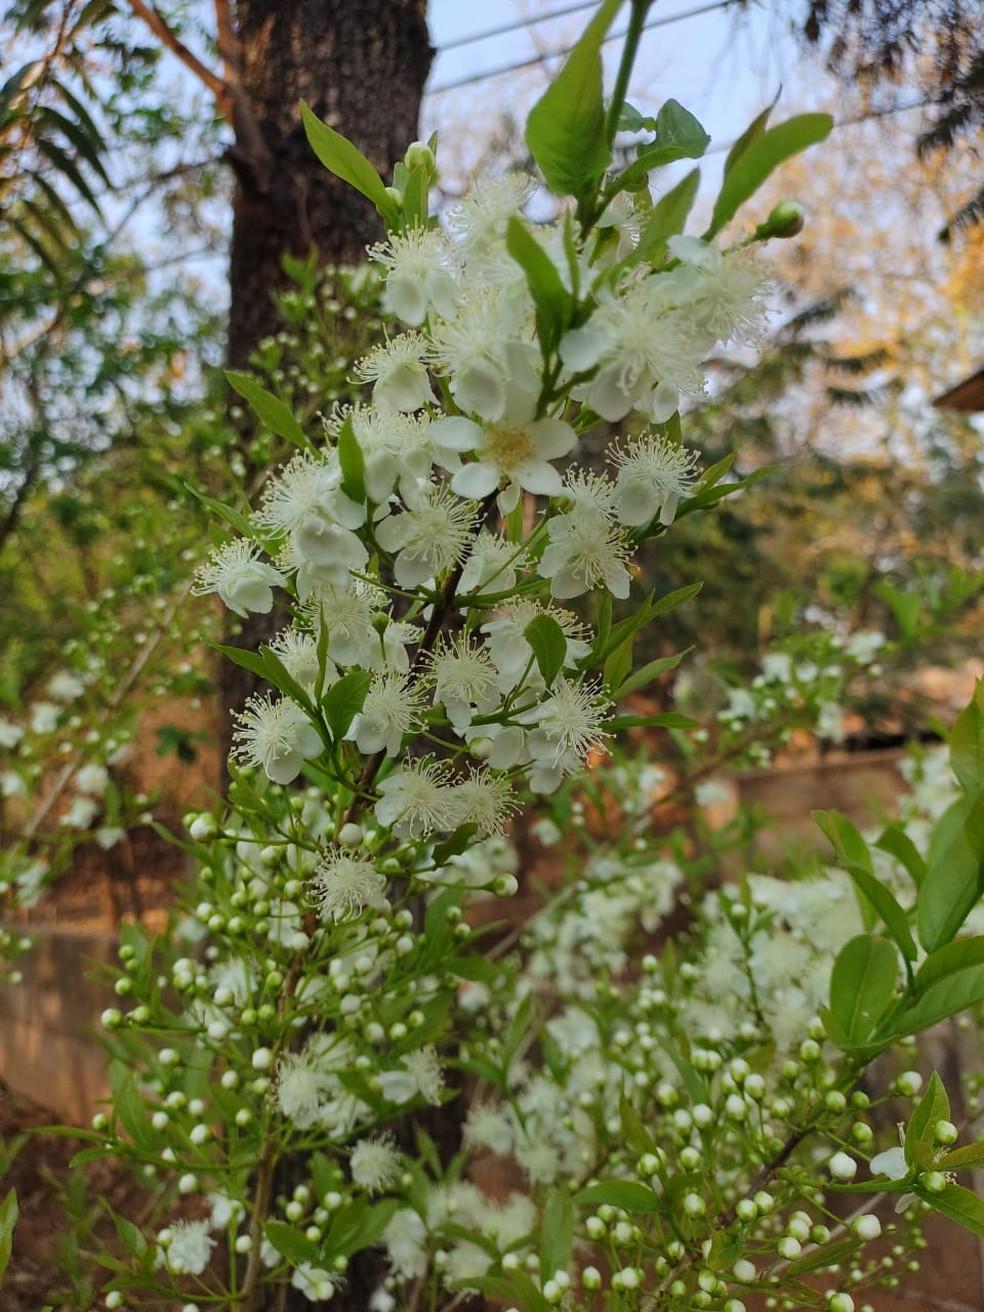 Até parece buquê, mas é a flor da guavira dando o ar da graça — Foto: Juliana Casadei/Arquivo Pessoal